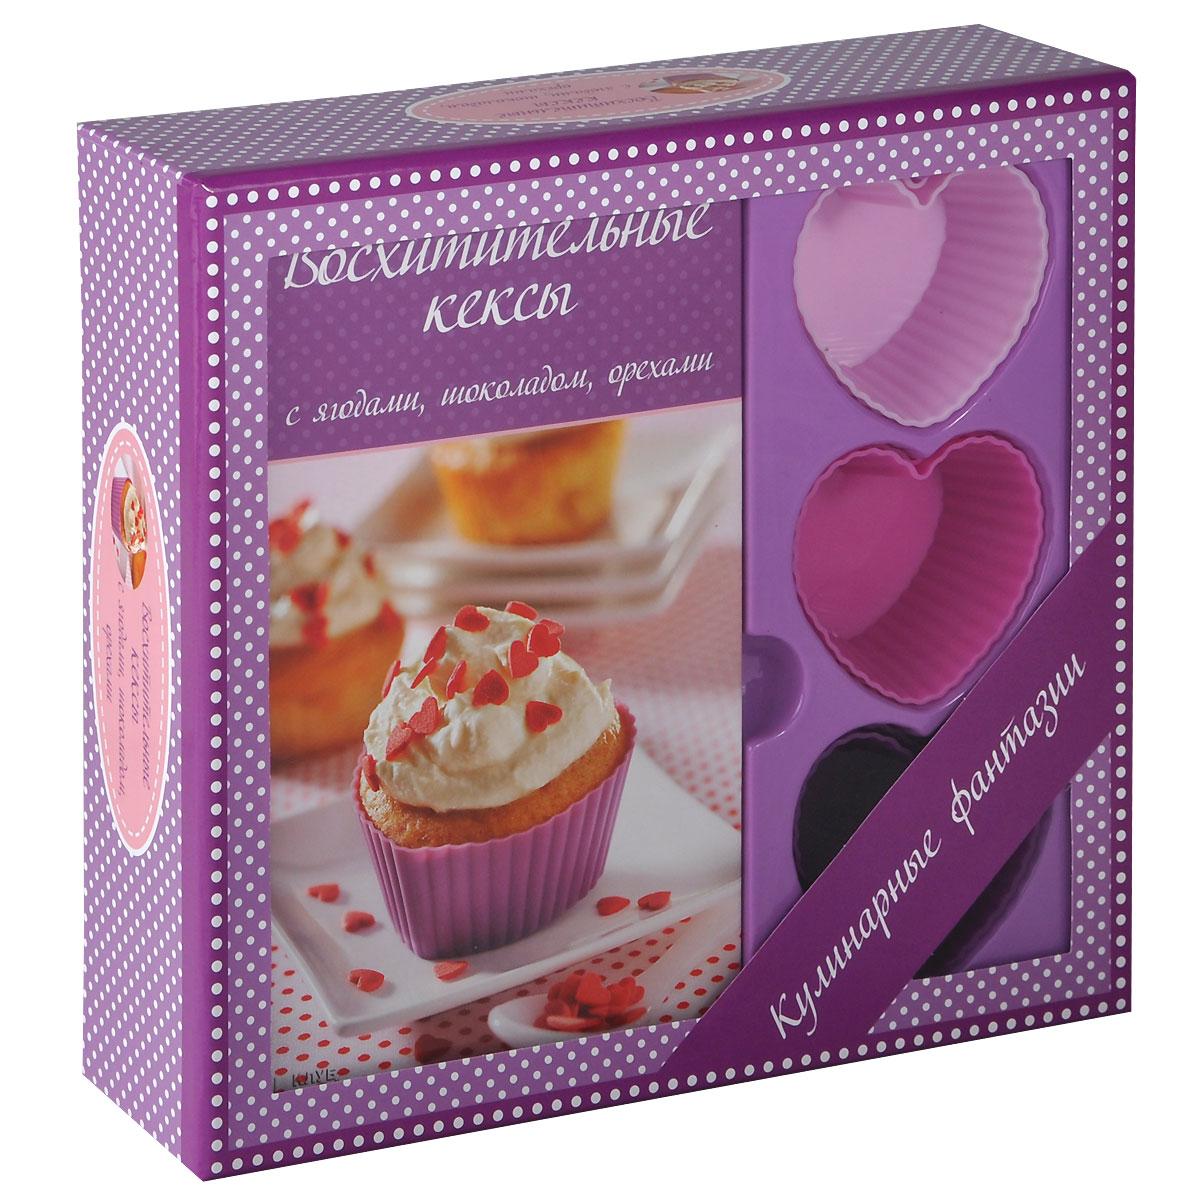 Восхитительные кексы с ягодами, шоколадом, орехами (+ 6 форм для выпечки)